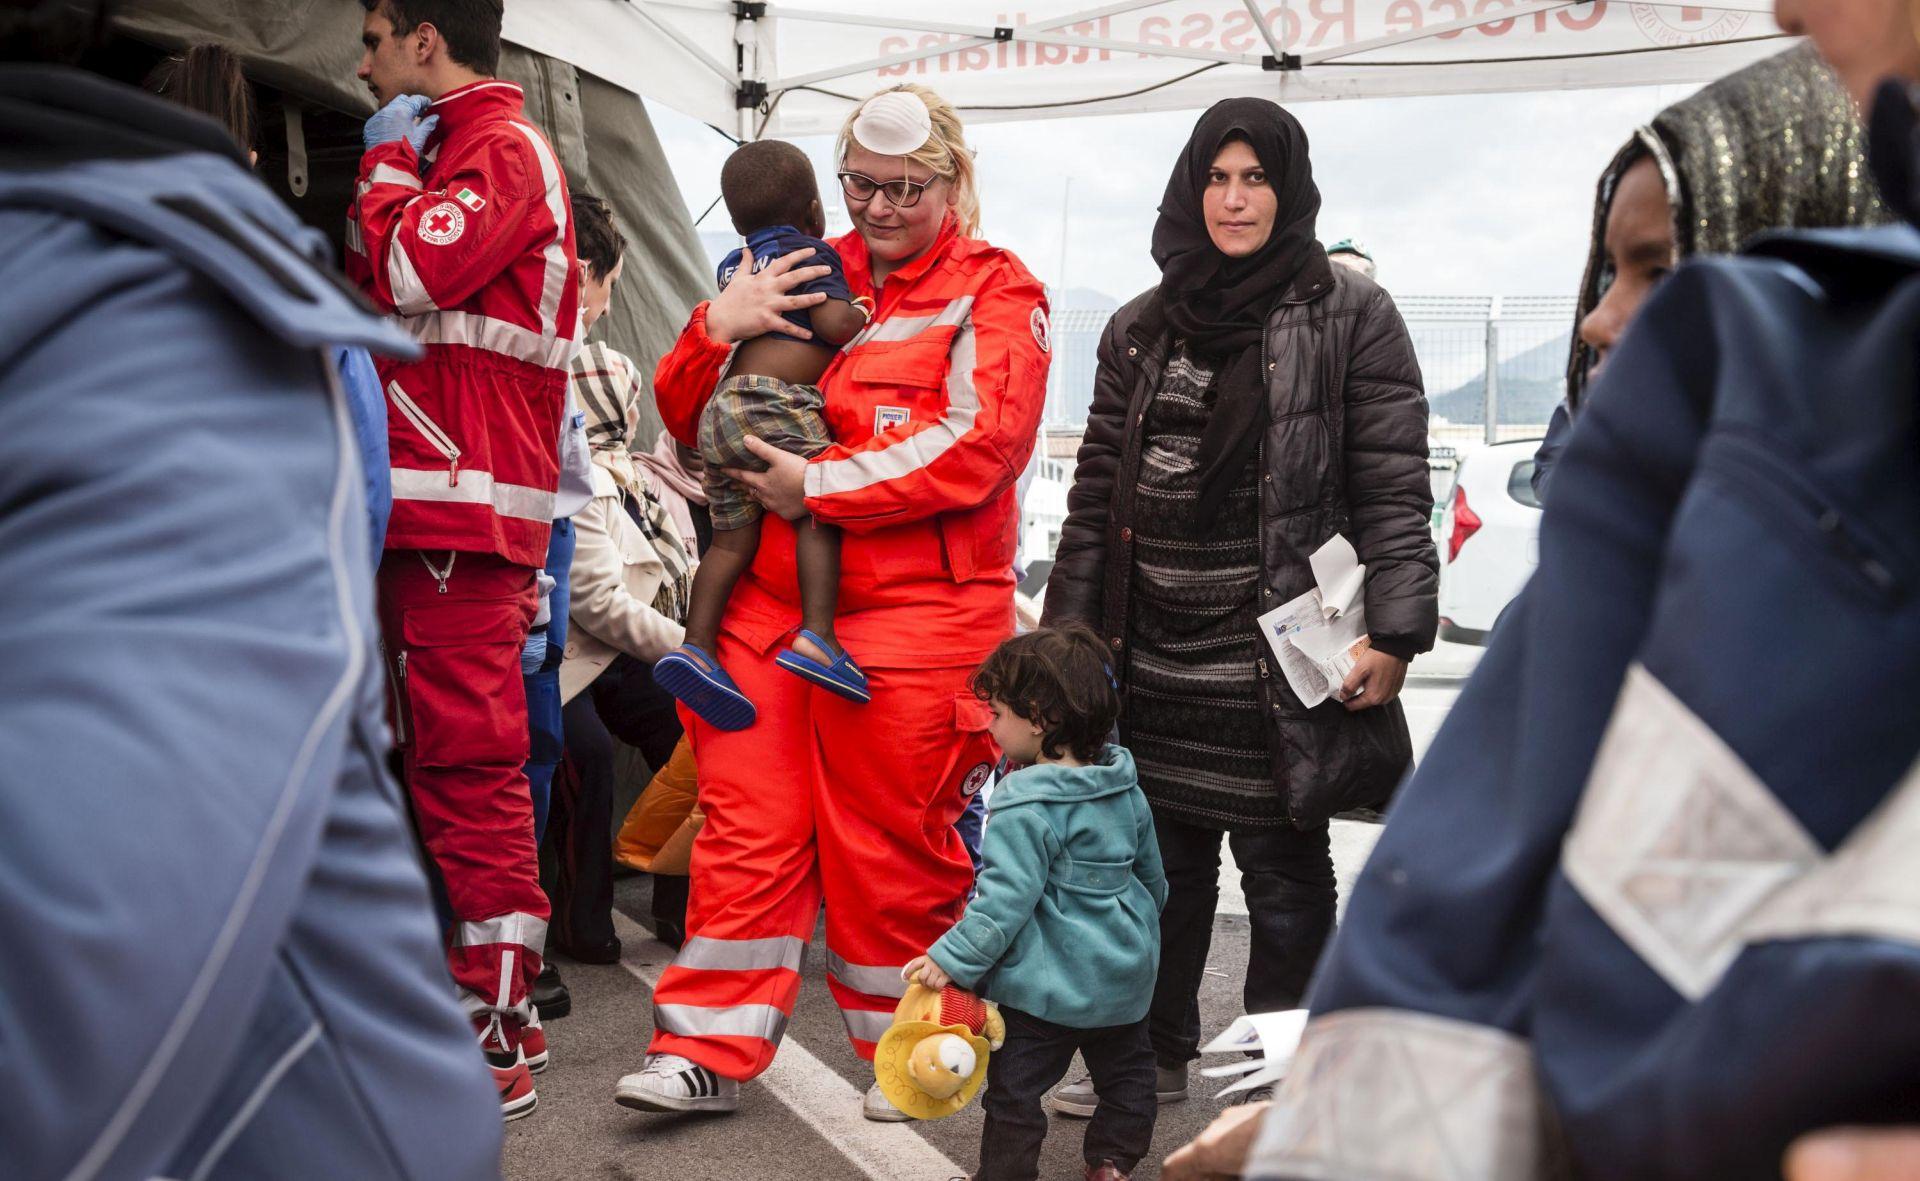 Italija istražuje jesu li krijumčari ljudi u dogovoru sa spasilačkim organizacijama